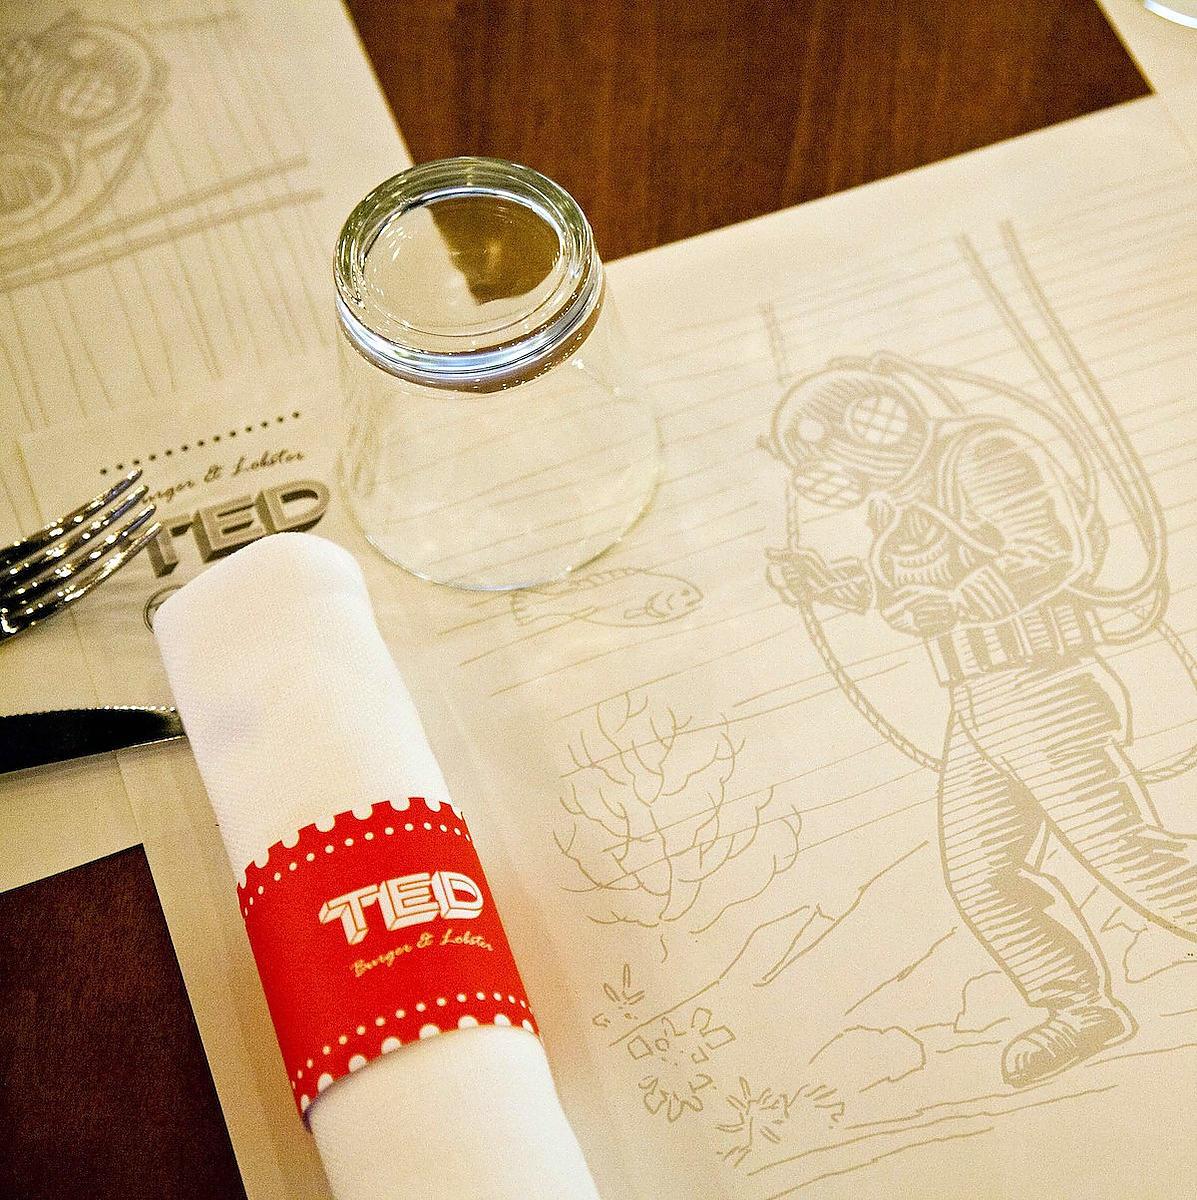 ted-ristorante-astice-roma-5